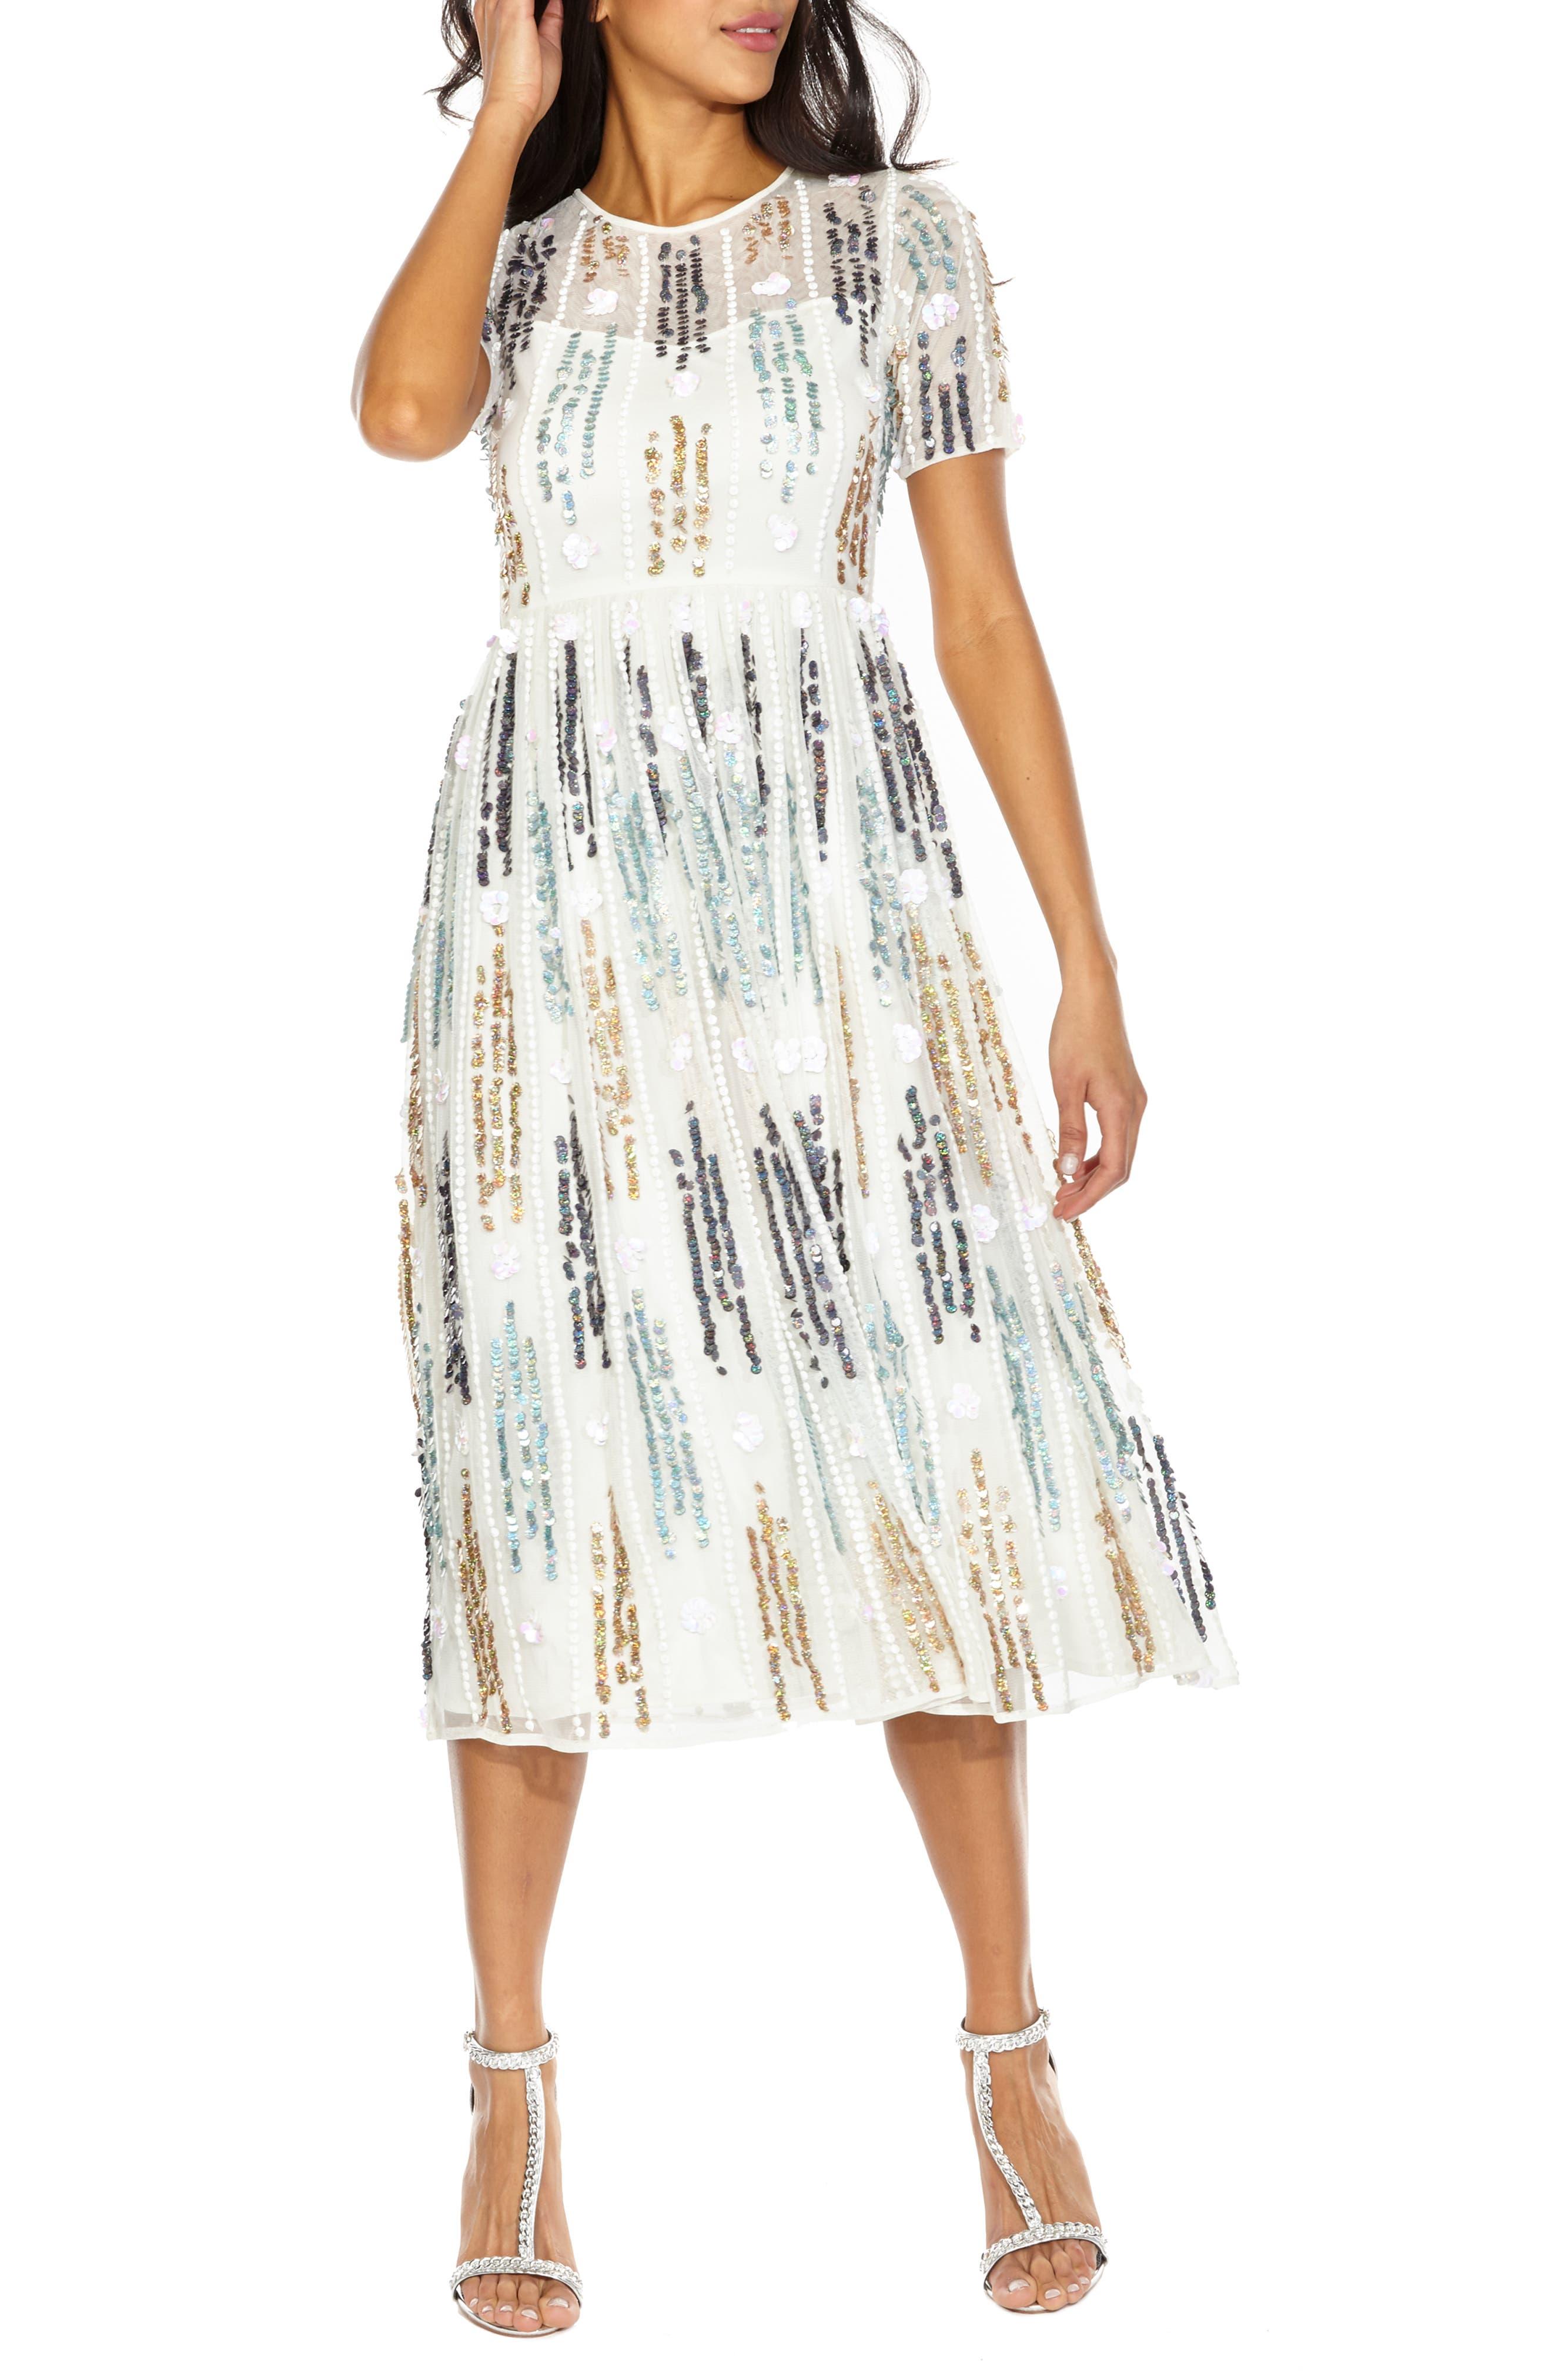 LACE & BEADS, Crichet Sequin Midi Dress, Main thumbnail 1, color, 100